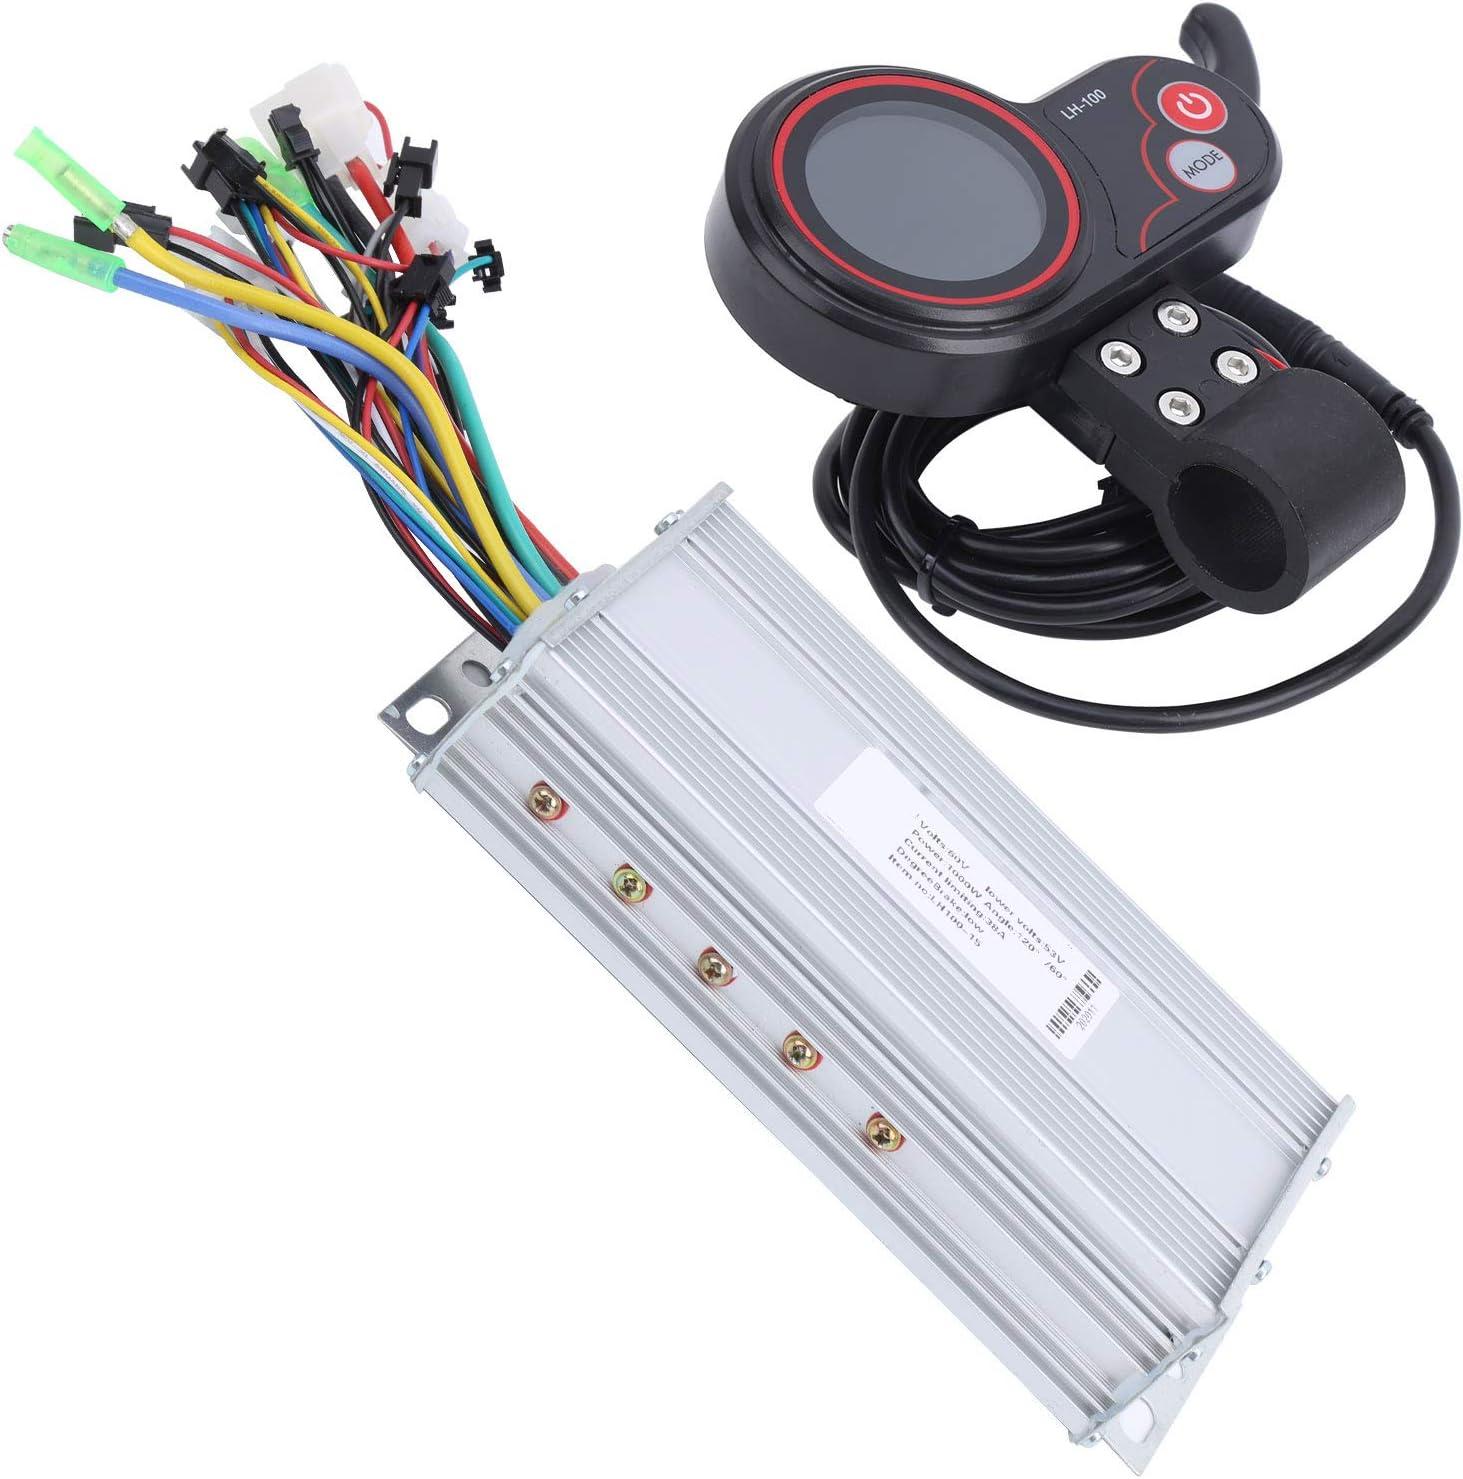 Resistente al desgaste 2 en 1 LH100 60V Controlador de motor de scooter eléctrico Controlador LCD Pulgar palanca de cambios duradero para entrenamiento Competencia para(1000W)